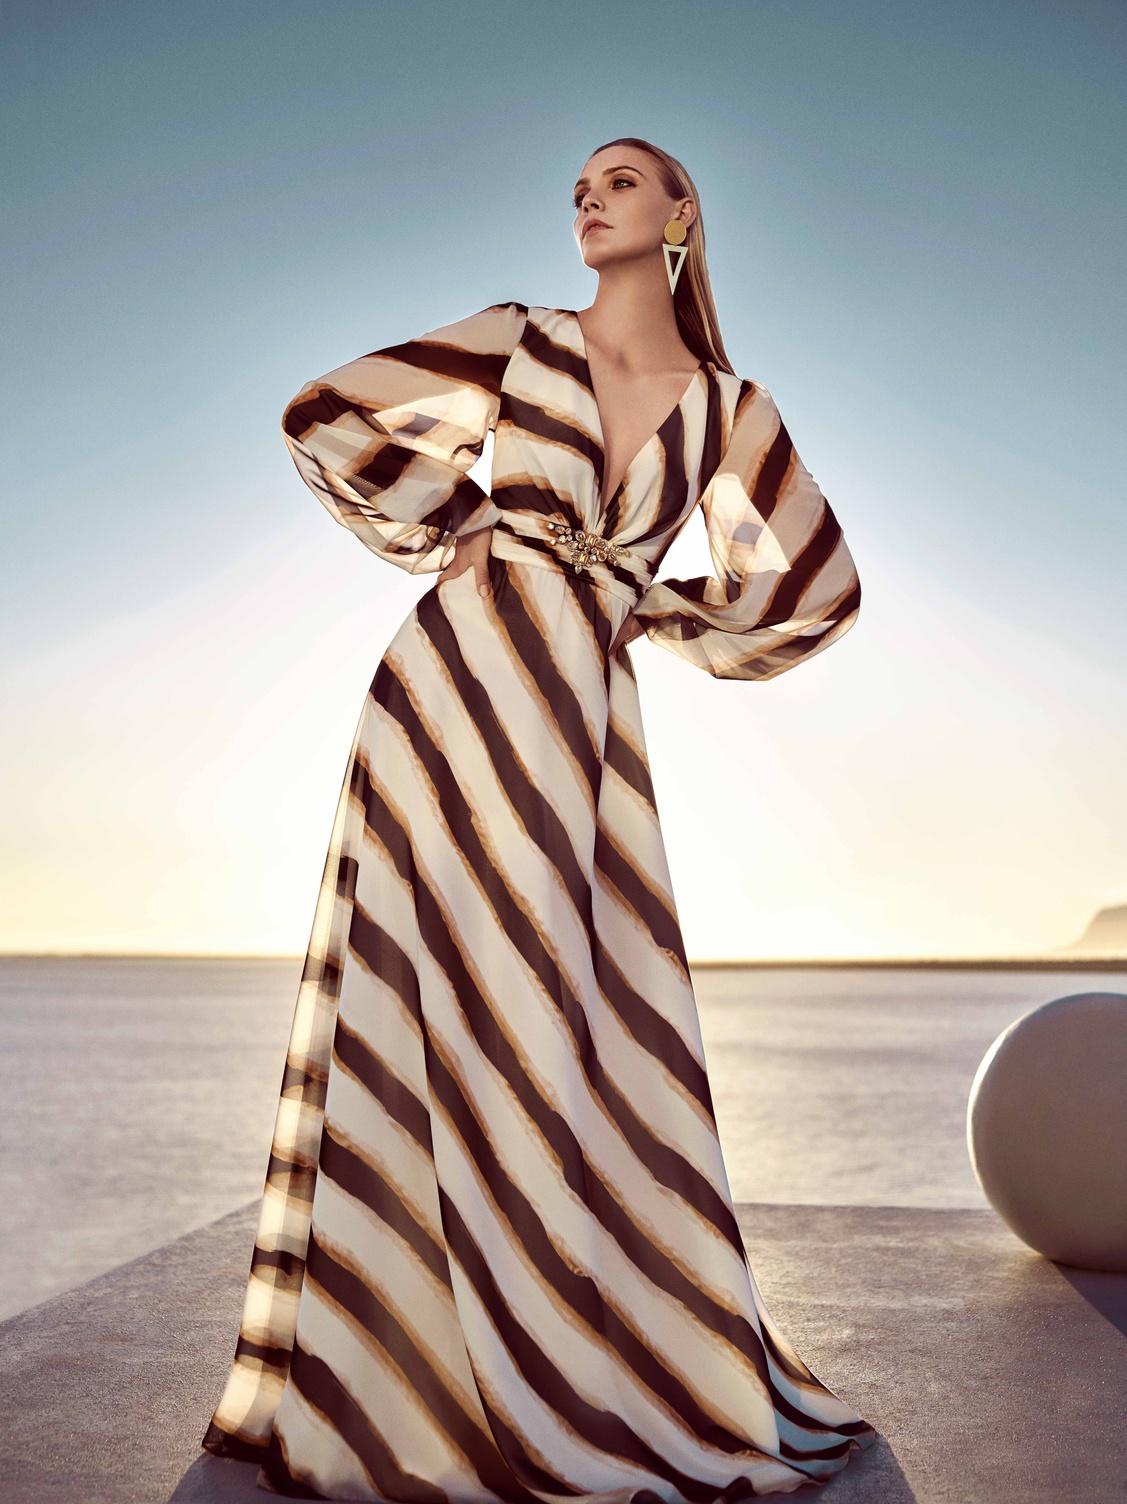 Balizza Каталог Лето 2017 Шелковые Платья